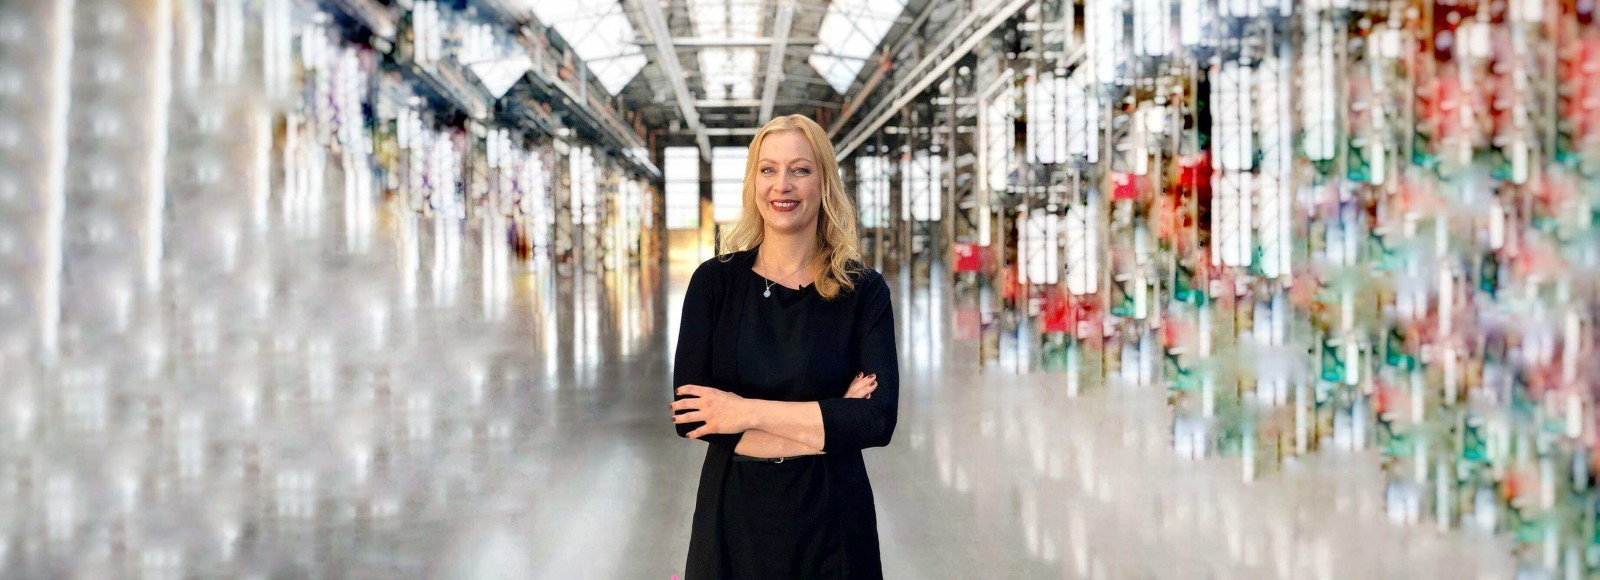 Carmen Hentschel Keynote Speakerin Digitalisierung und Zukunft